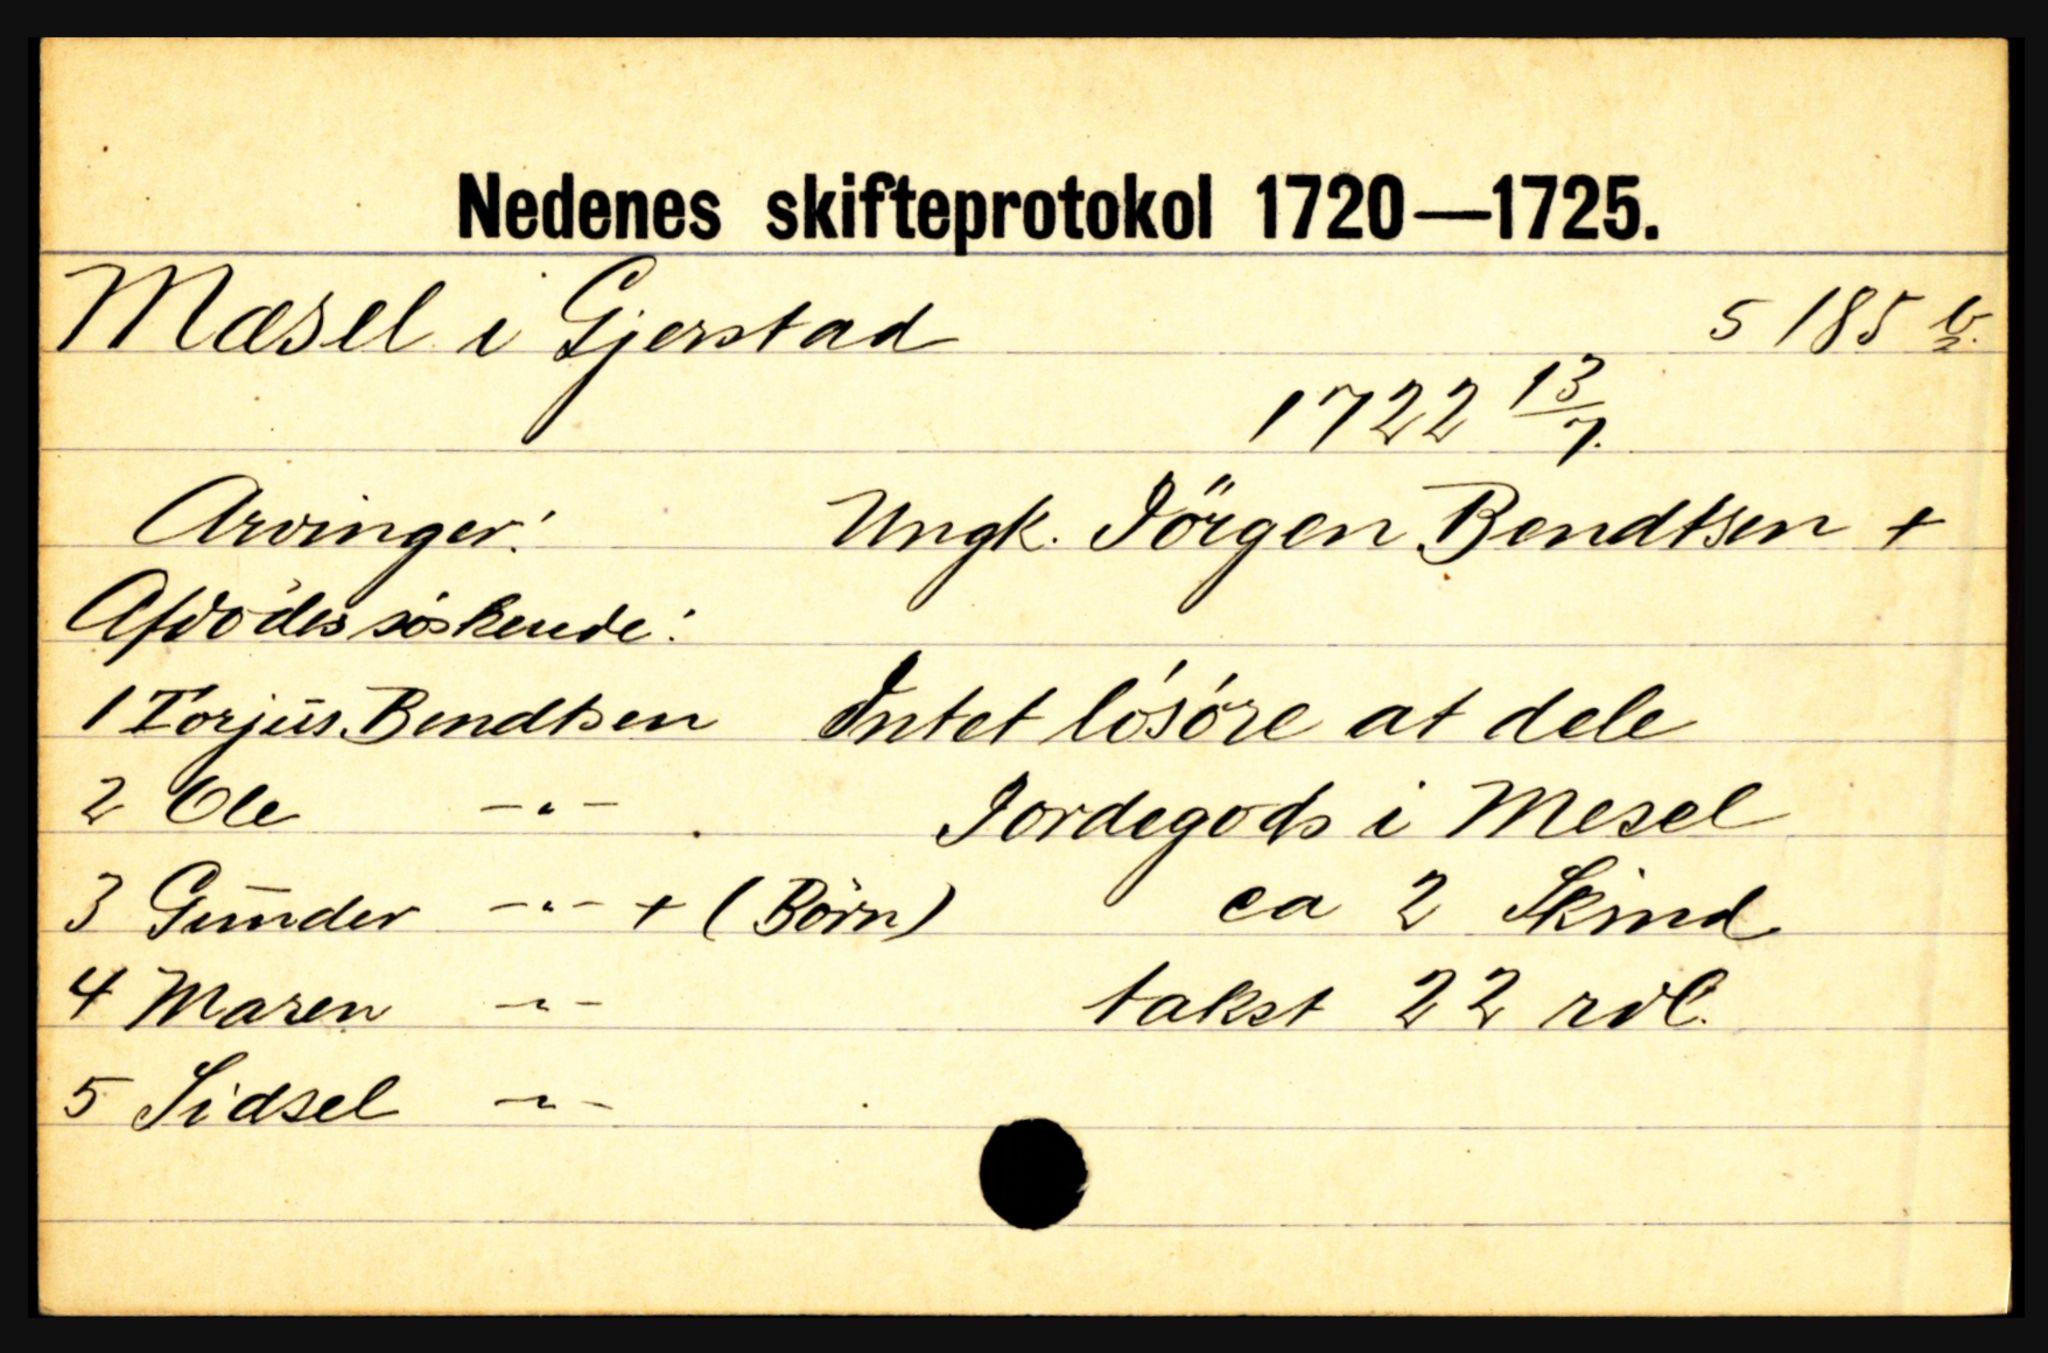 SAK, Nedenes sorenskriveri før 1824, H, s. 20631